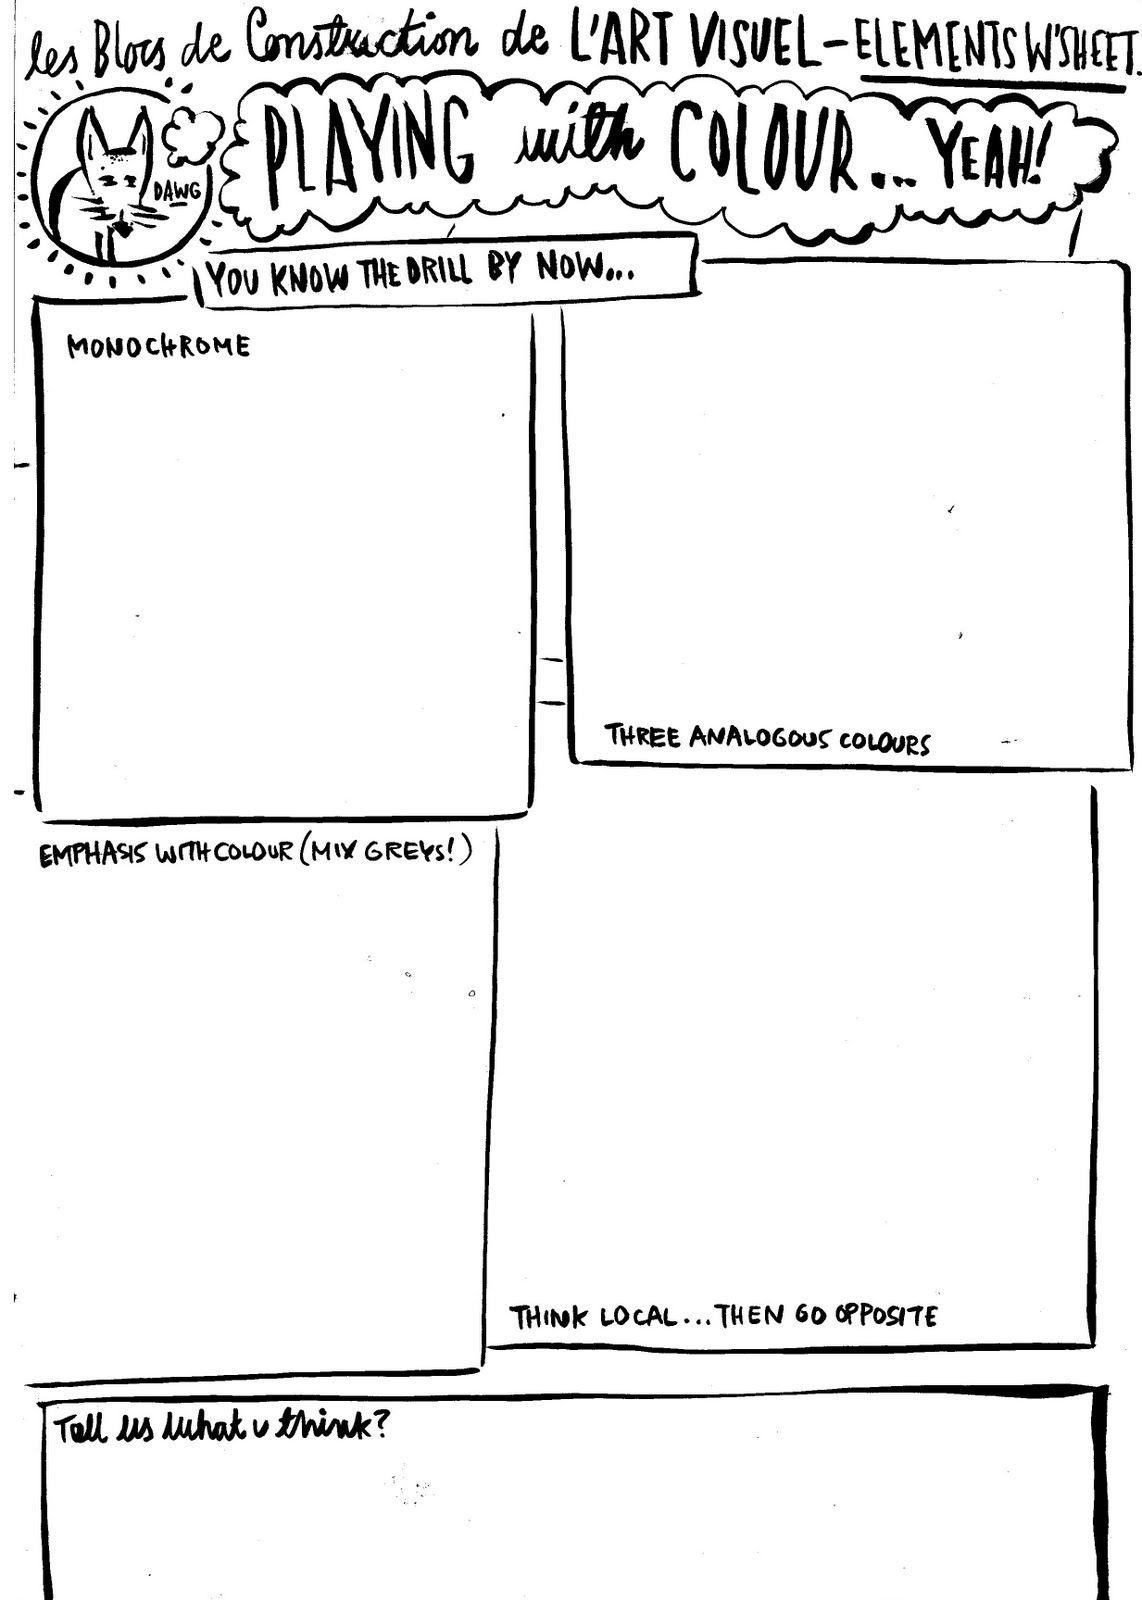 worksheet Color Theory Worksheets dan haycocks blog unbatondecolle lookowwwwwt worksheet playing with elements worksheets